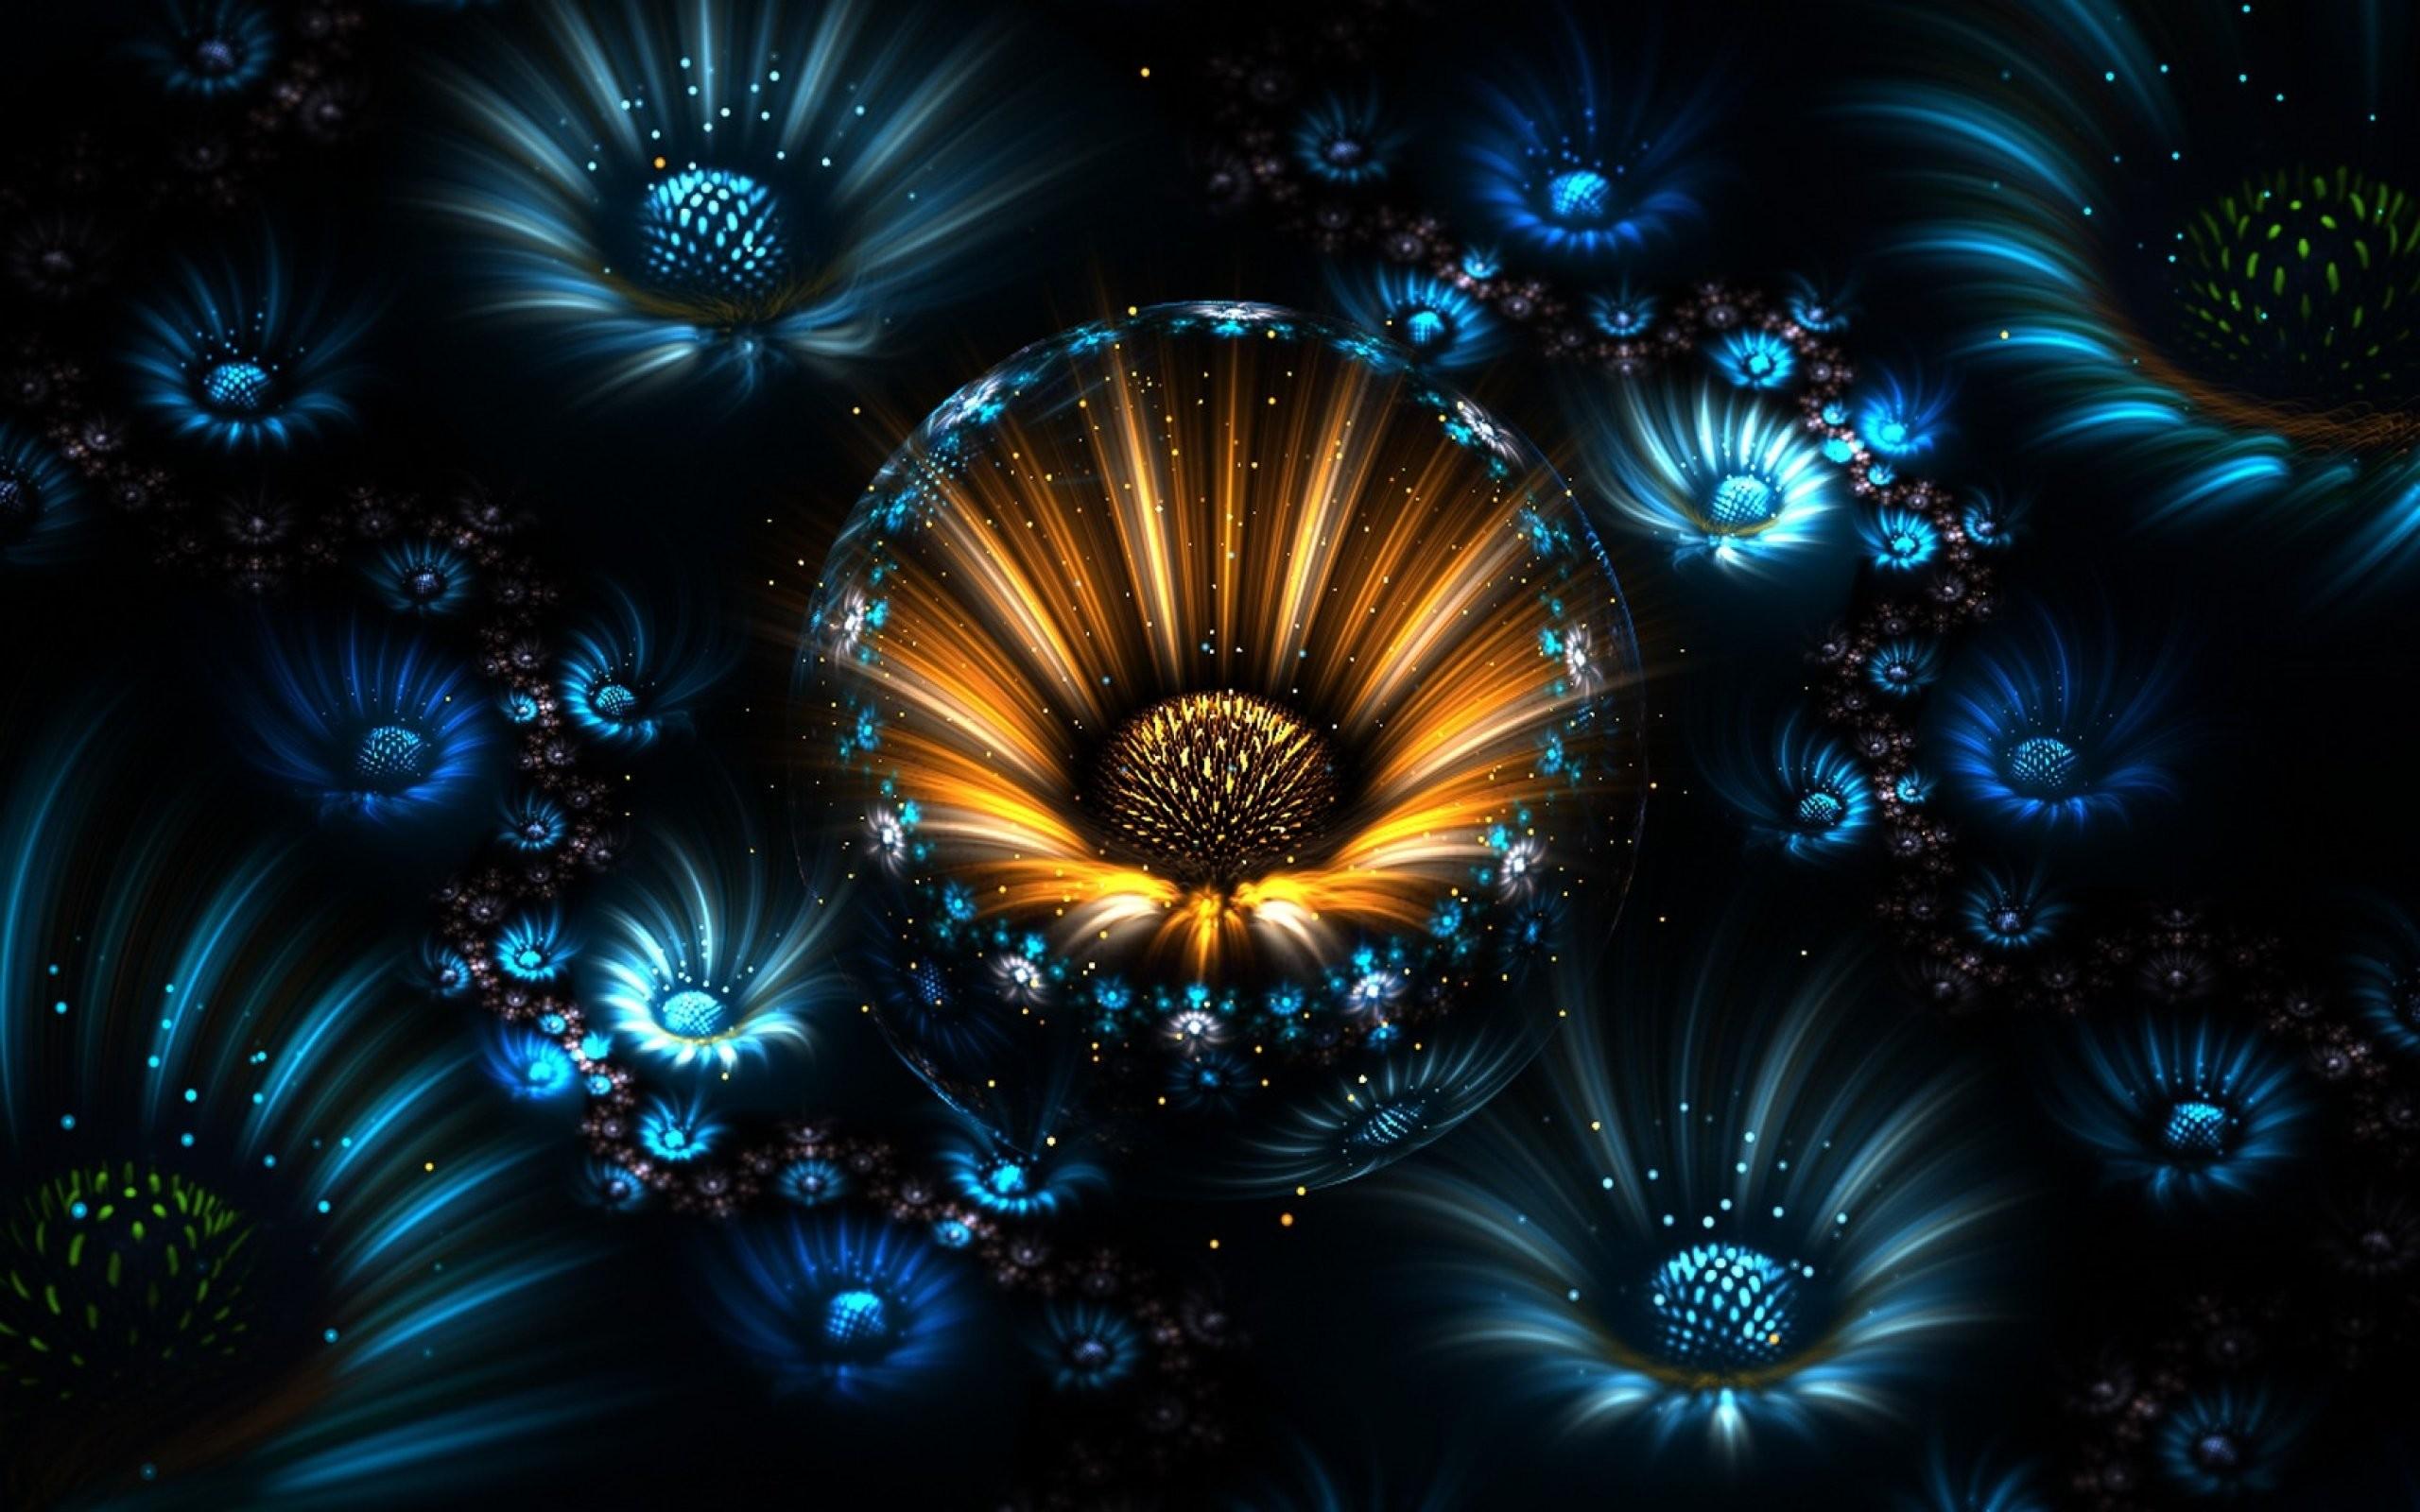 Pin Von Hector Flores Auf Fractal Art Fraktale